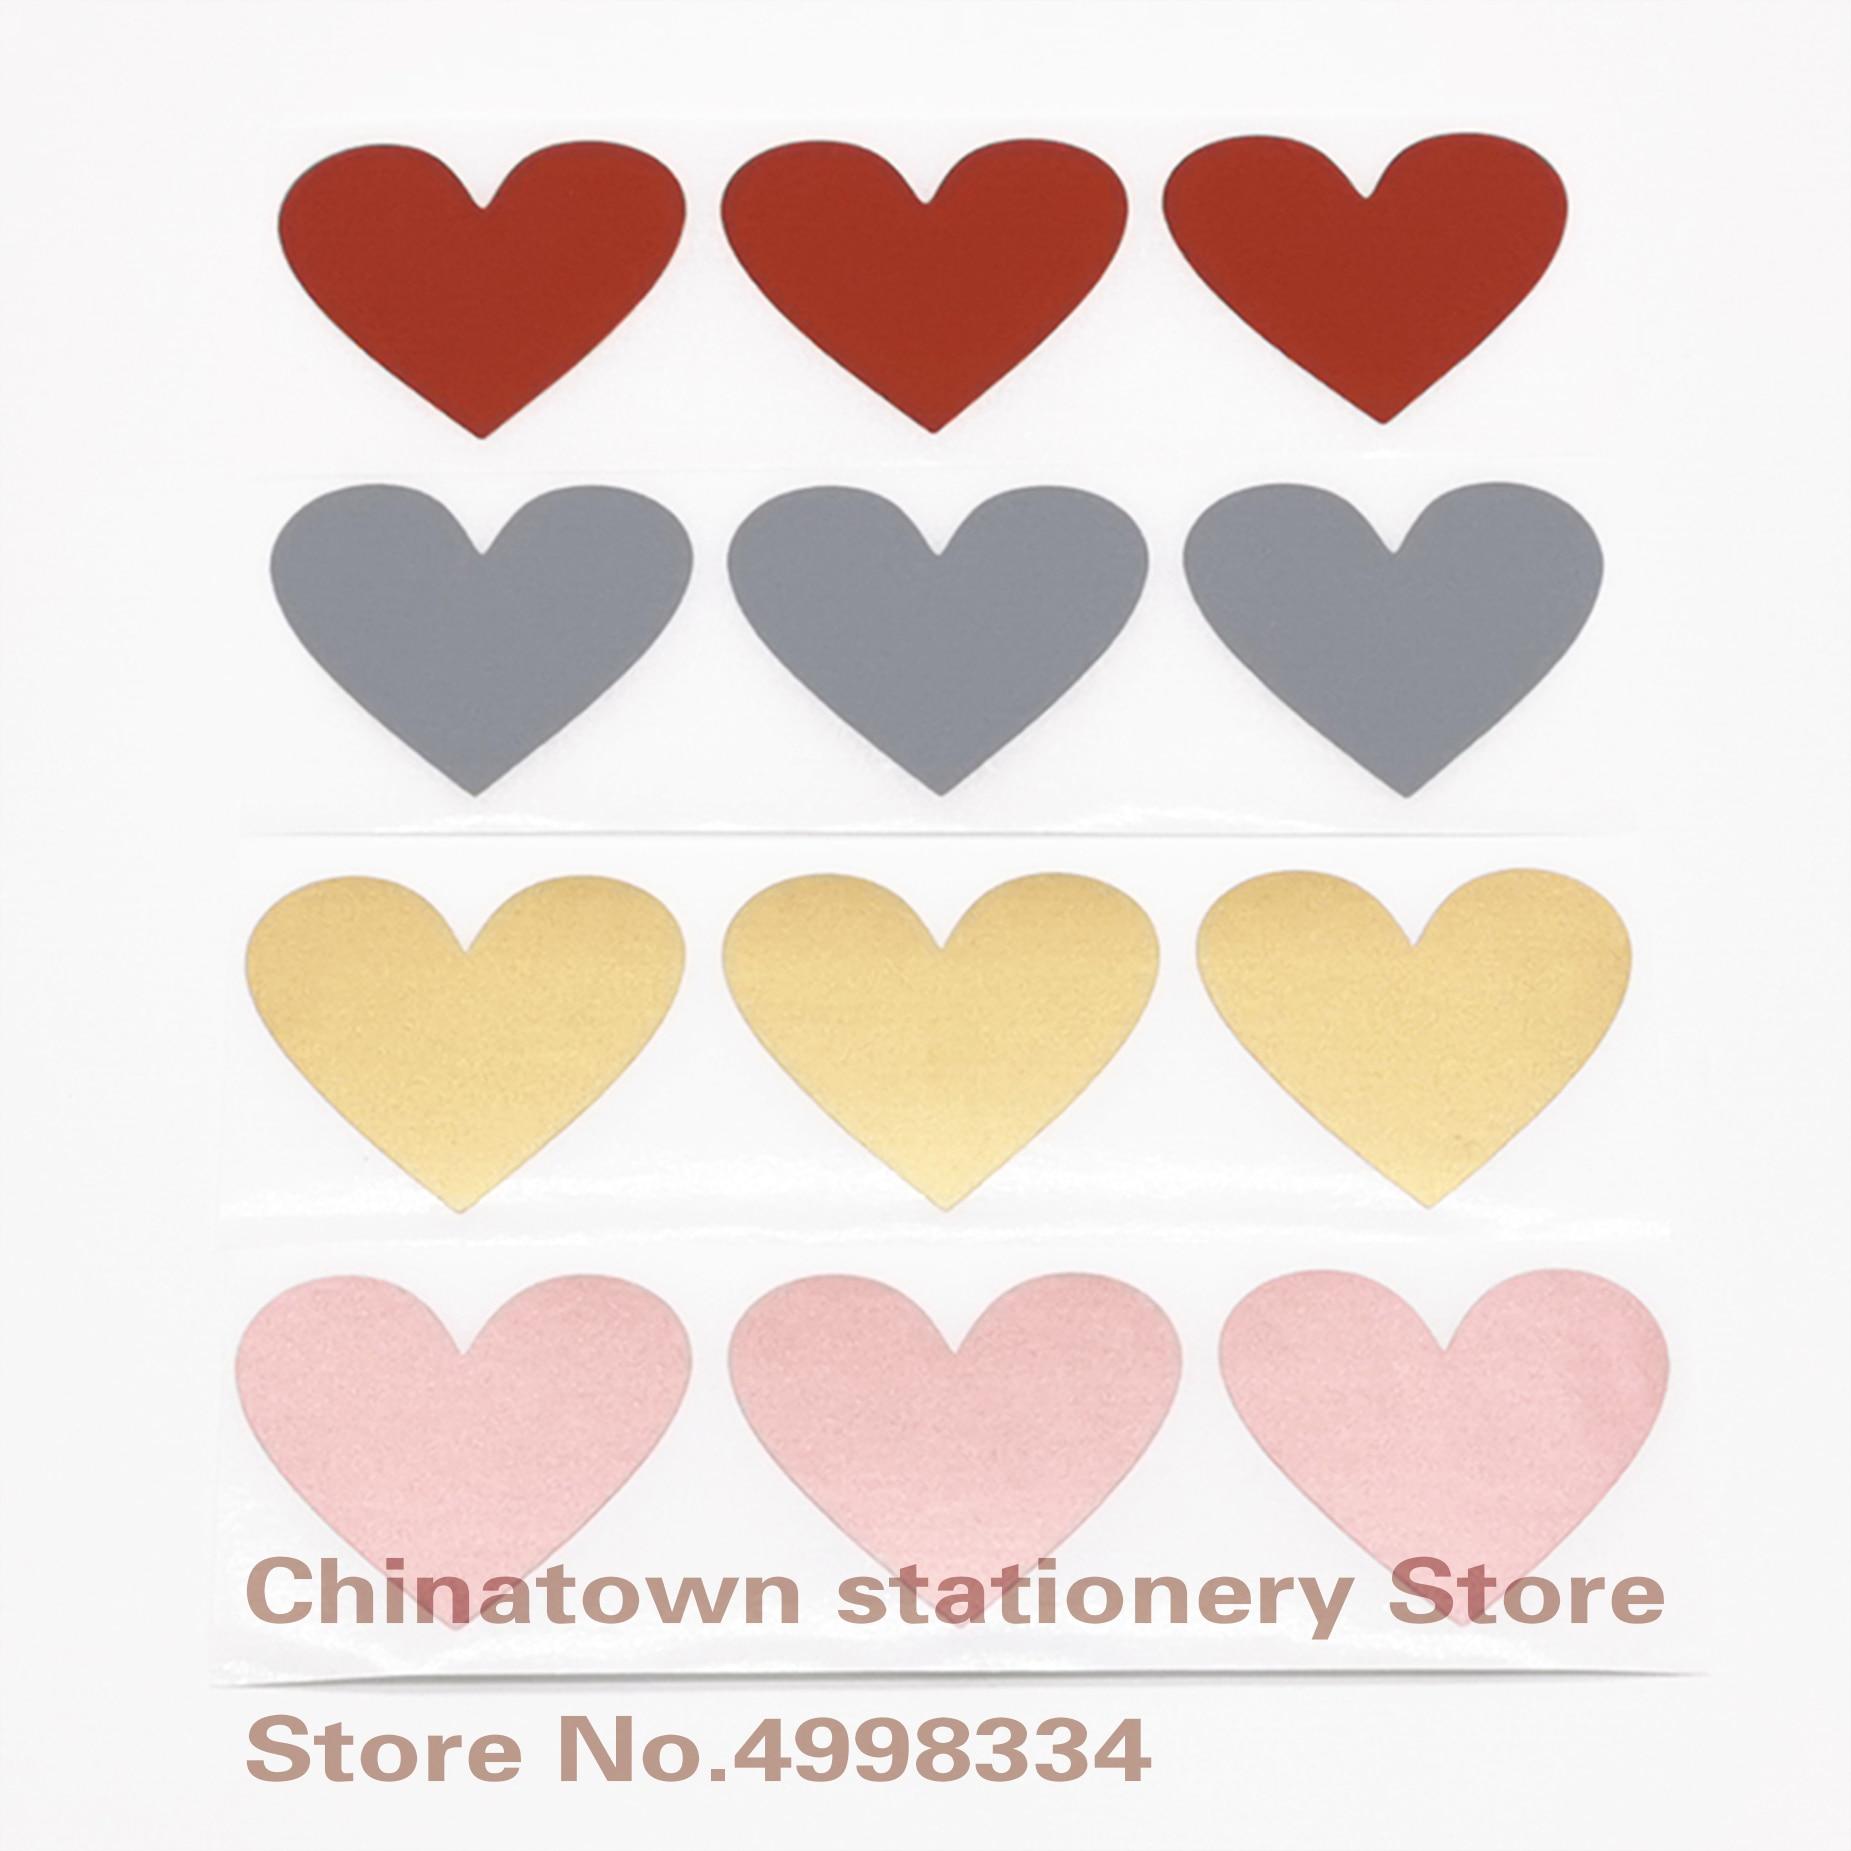 100-uds-cero-pegatinas-30x35mm-de-forma-de-corazon-de-amor-de-rosd-color-oro-en-blanco-codigo-secreto-cubierta-juego-boda-mensaje